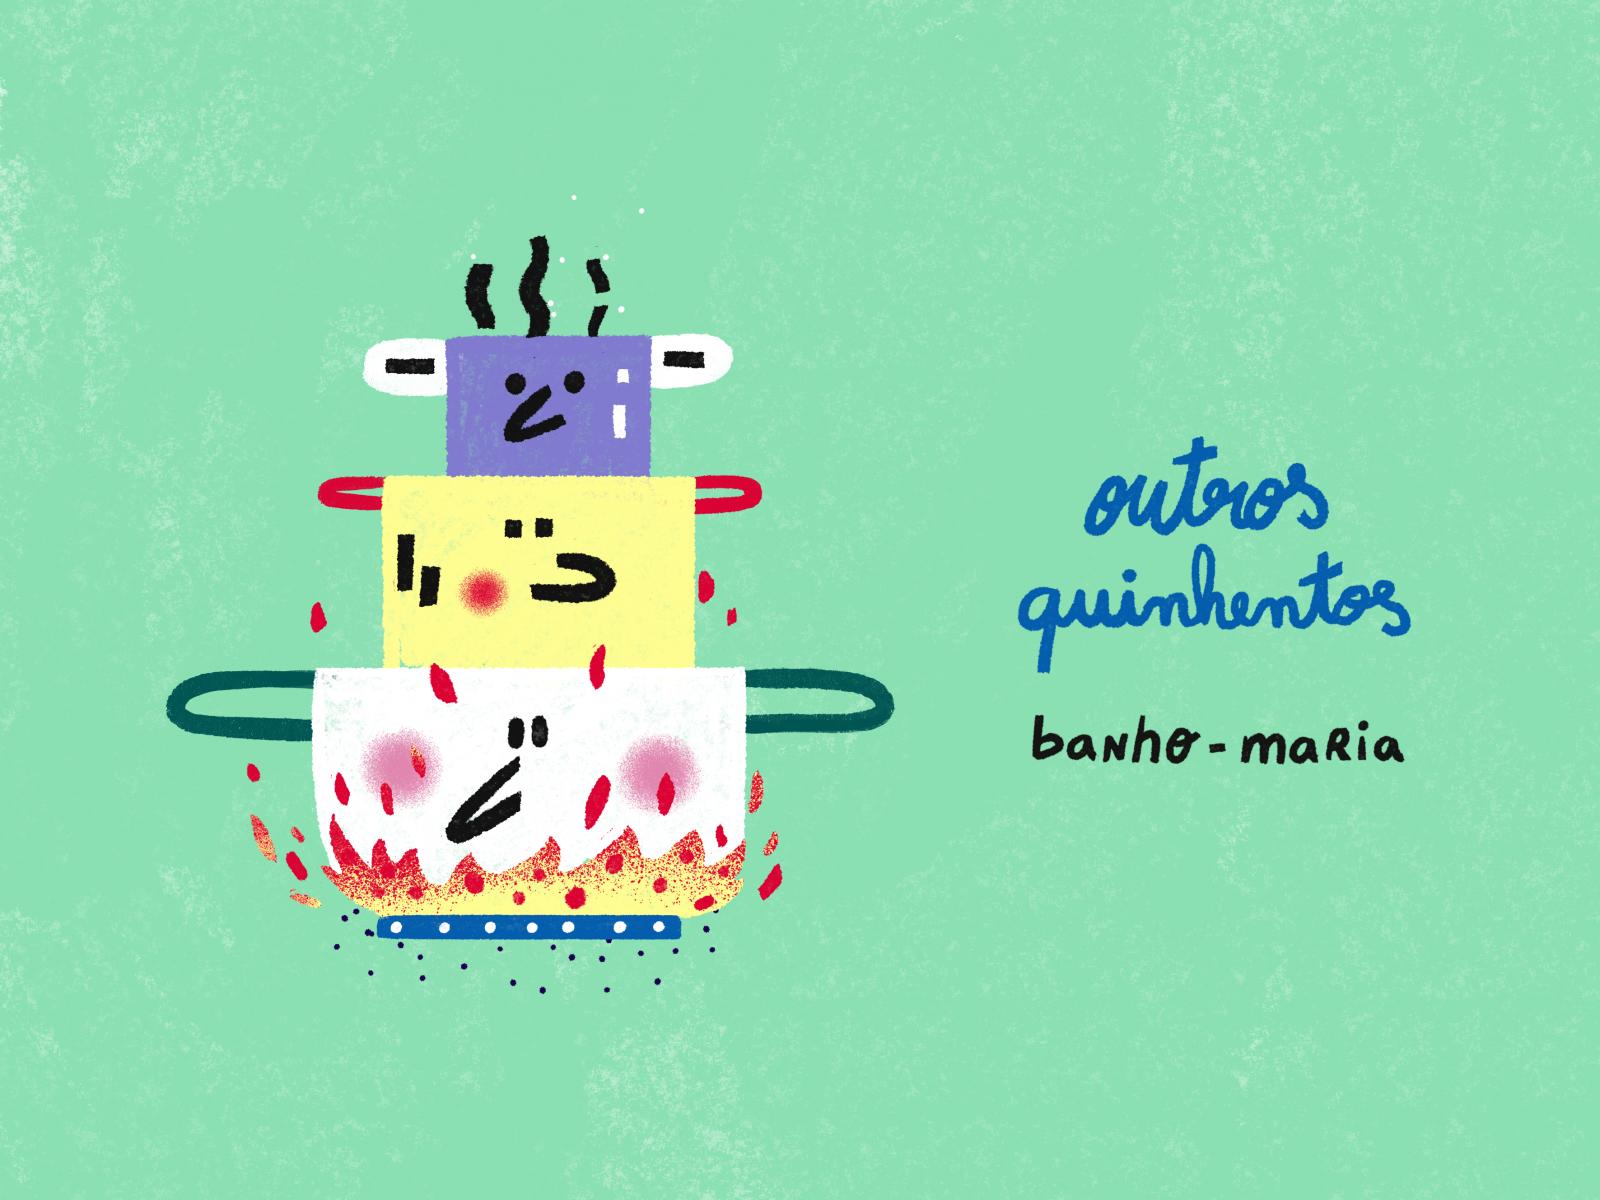 gerador-outros-quinhentos-banho-maria